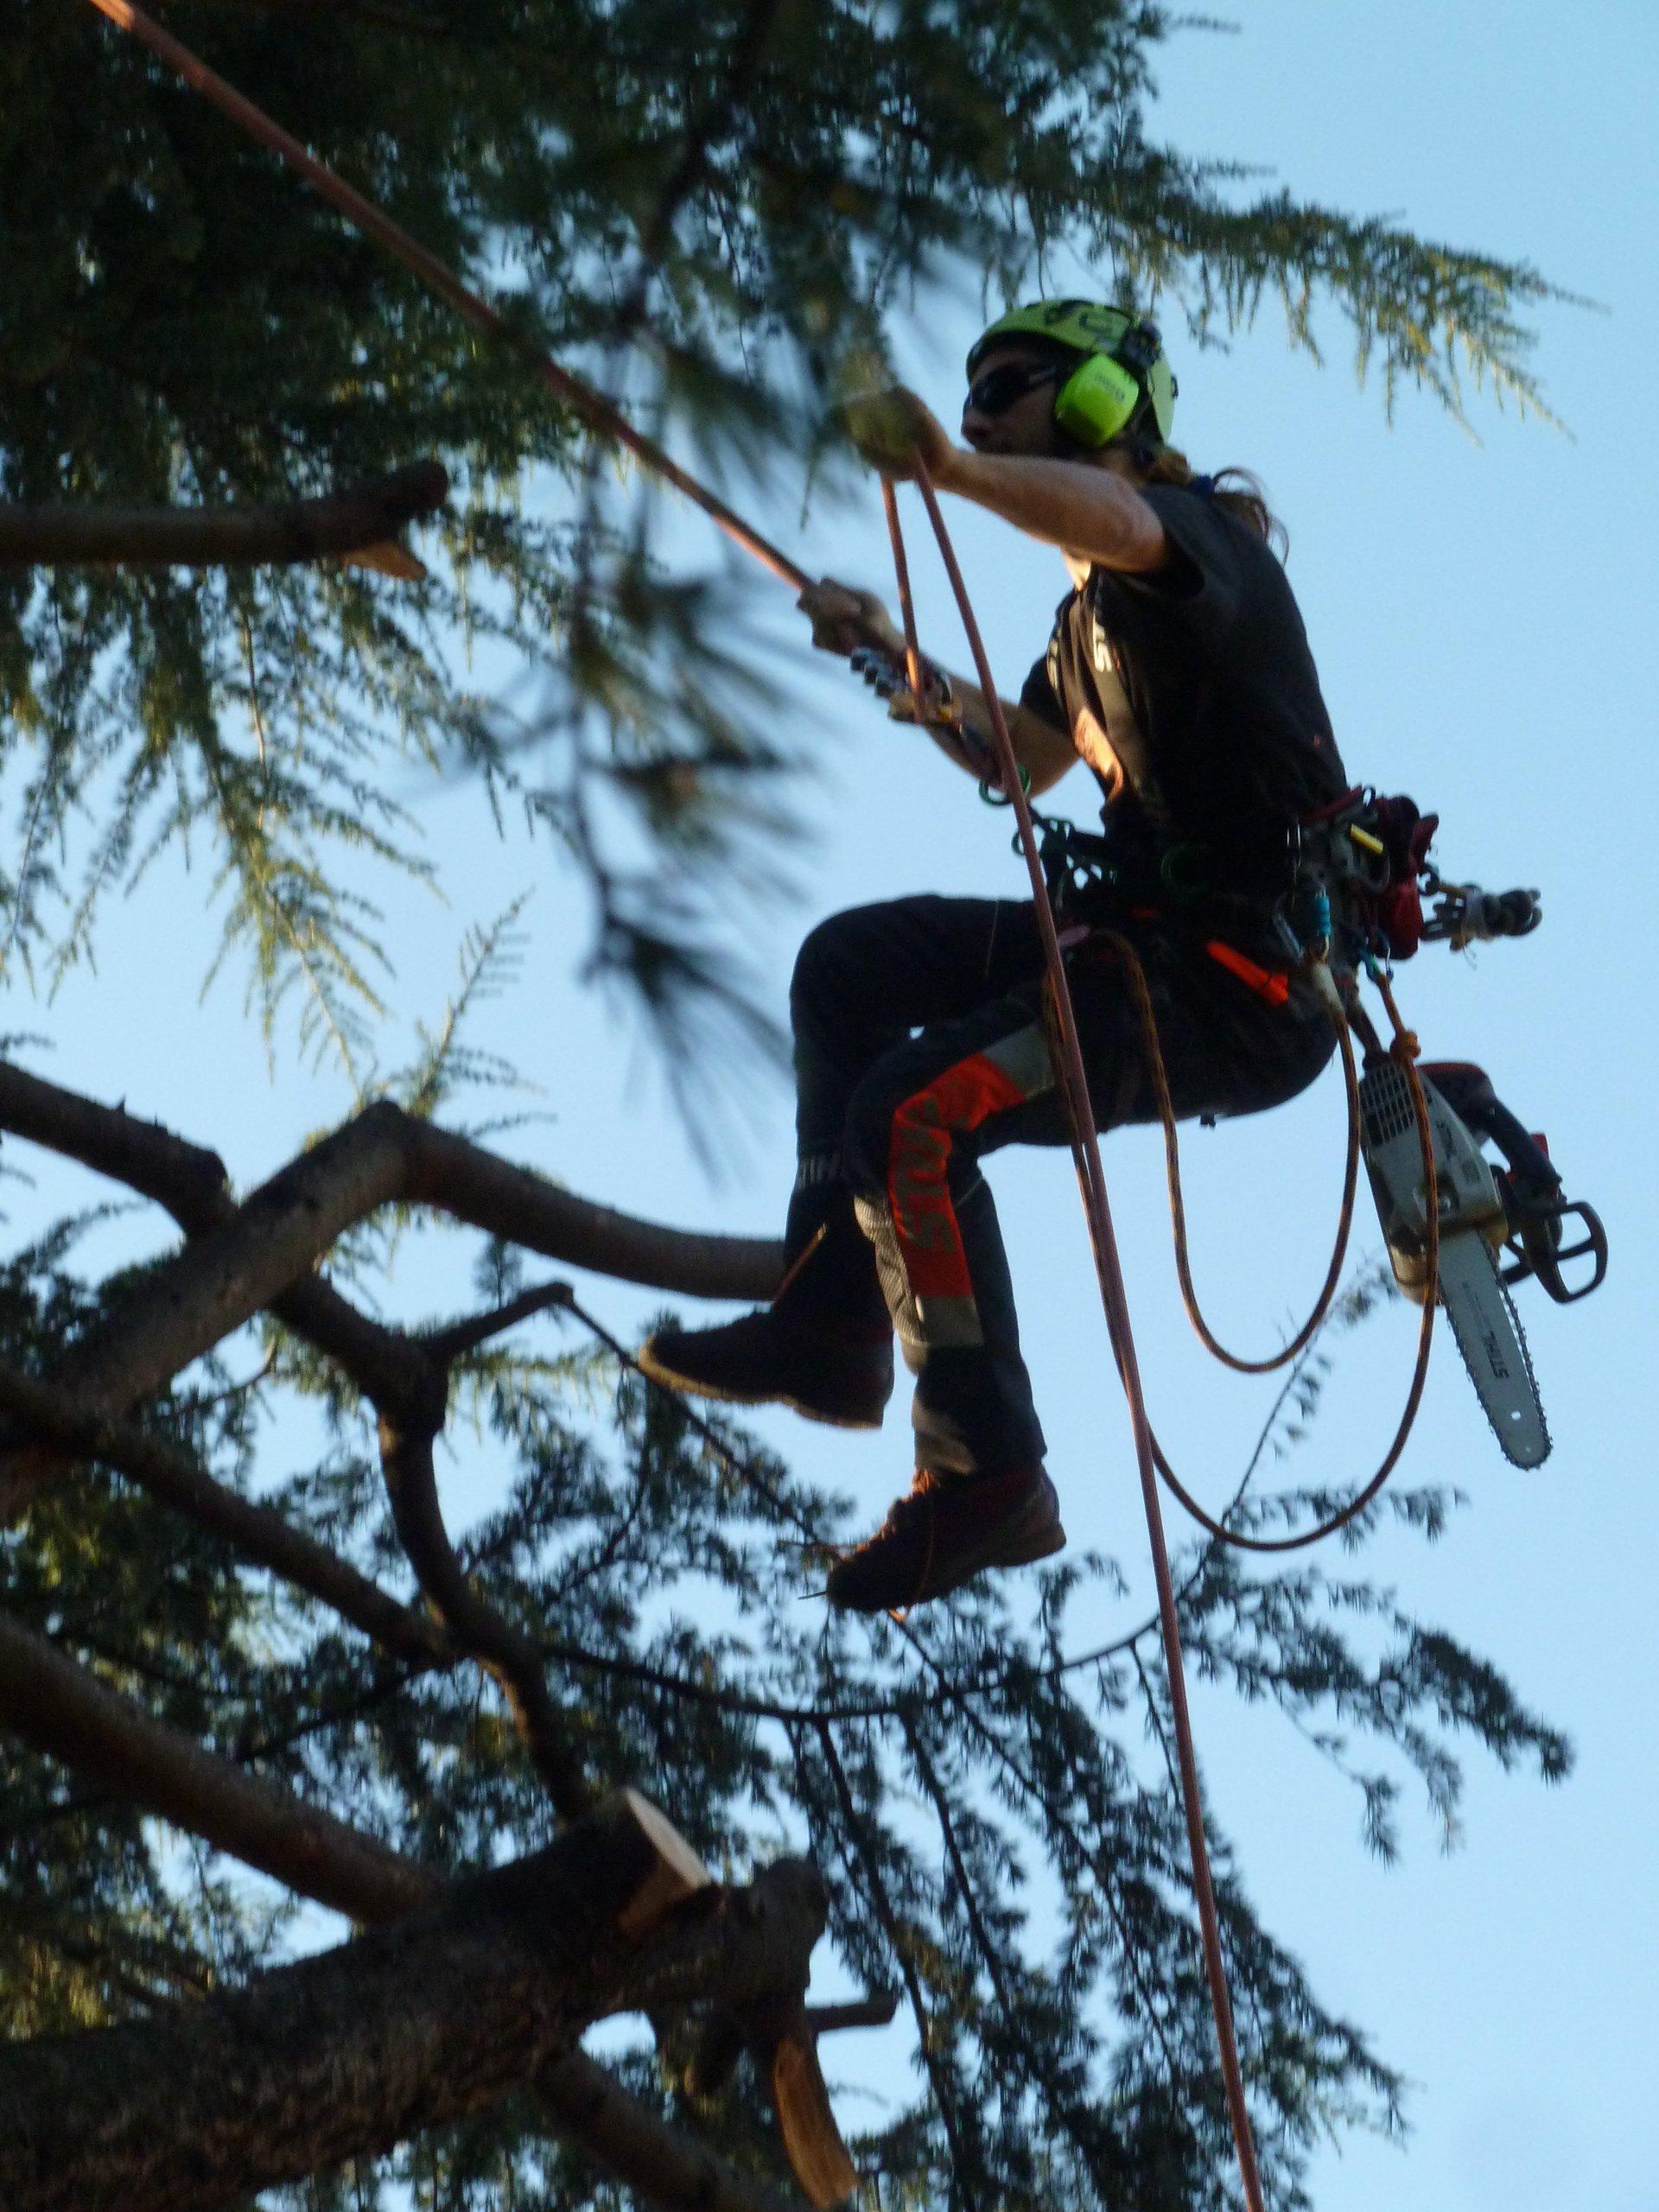 operatore in tree climibing per potatura